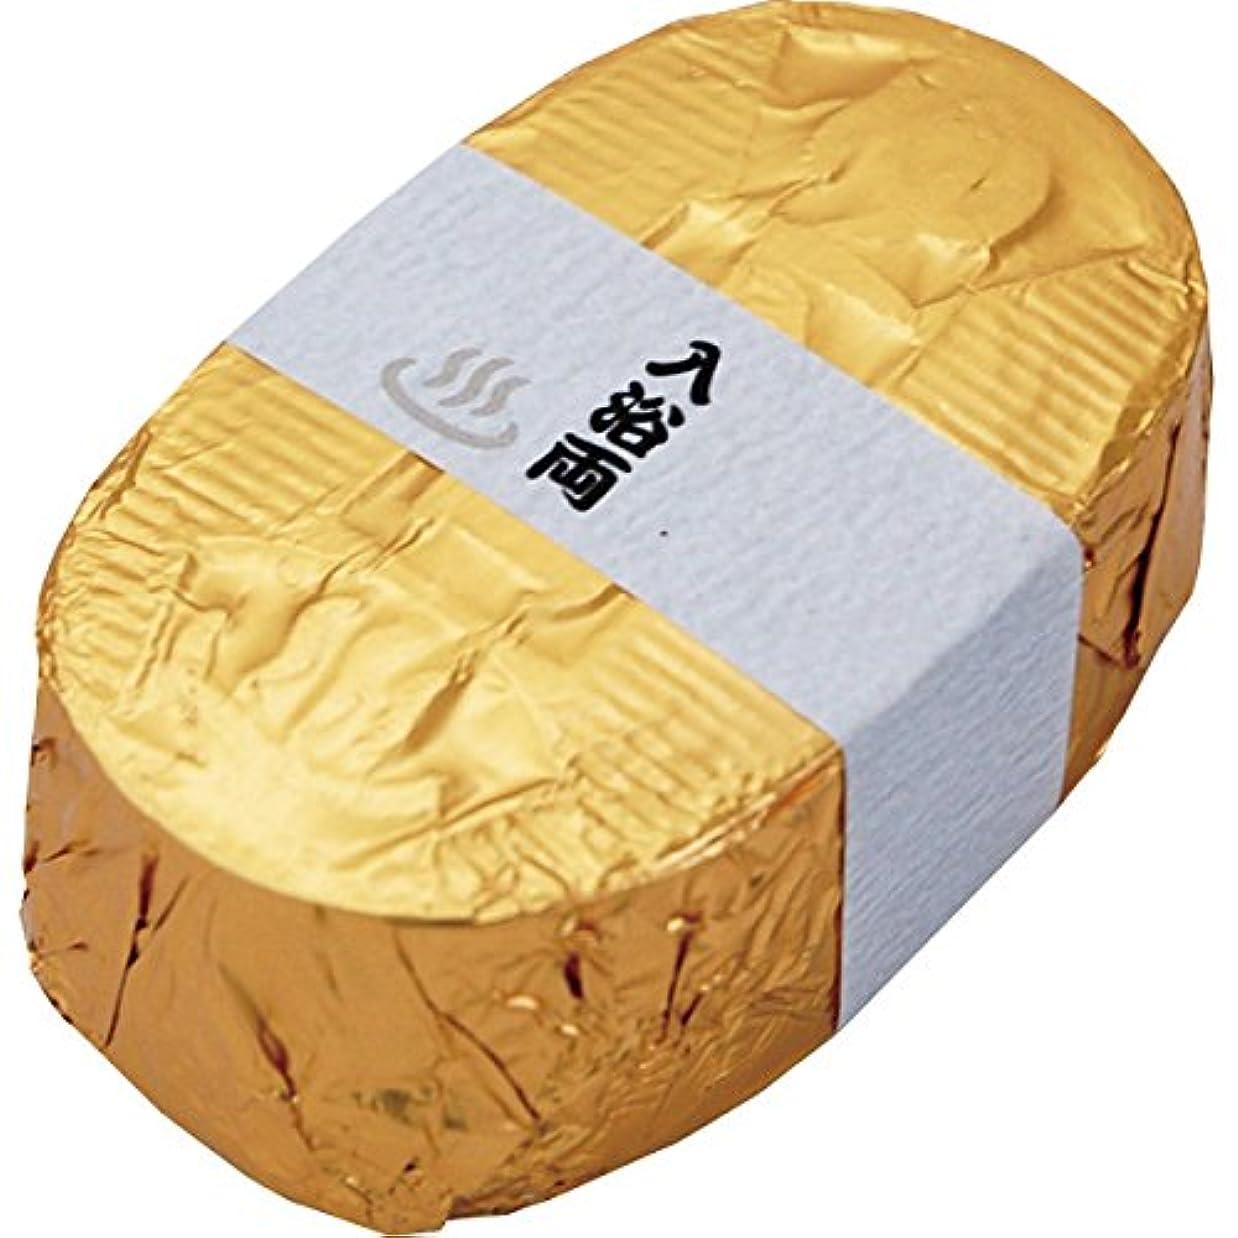 確認してください遺産座る五洲薬品(株) 小判型バスボム 入浴両 80g